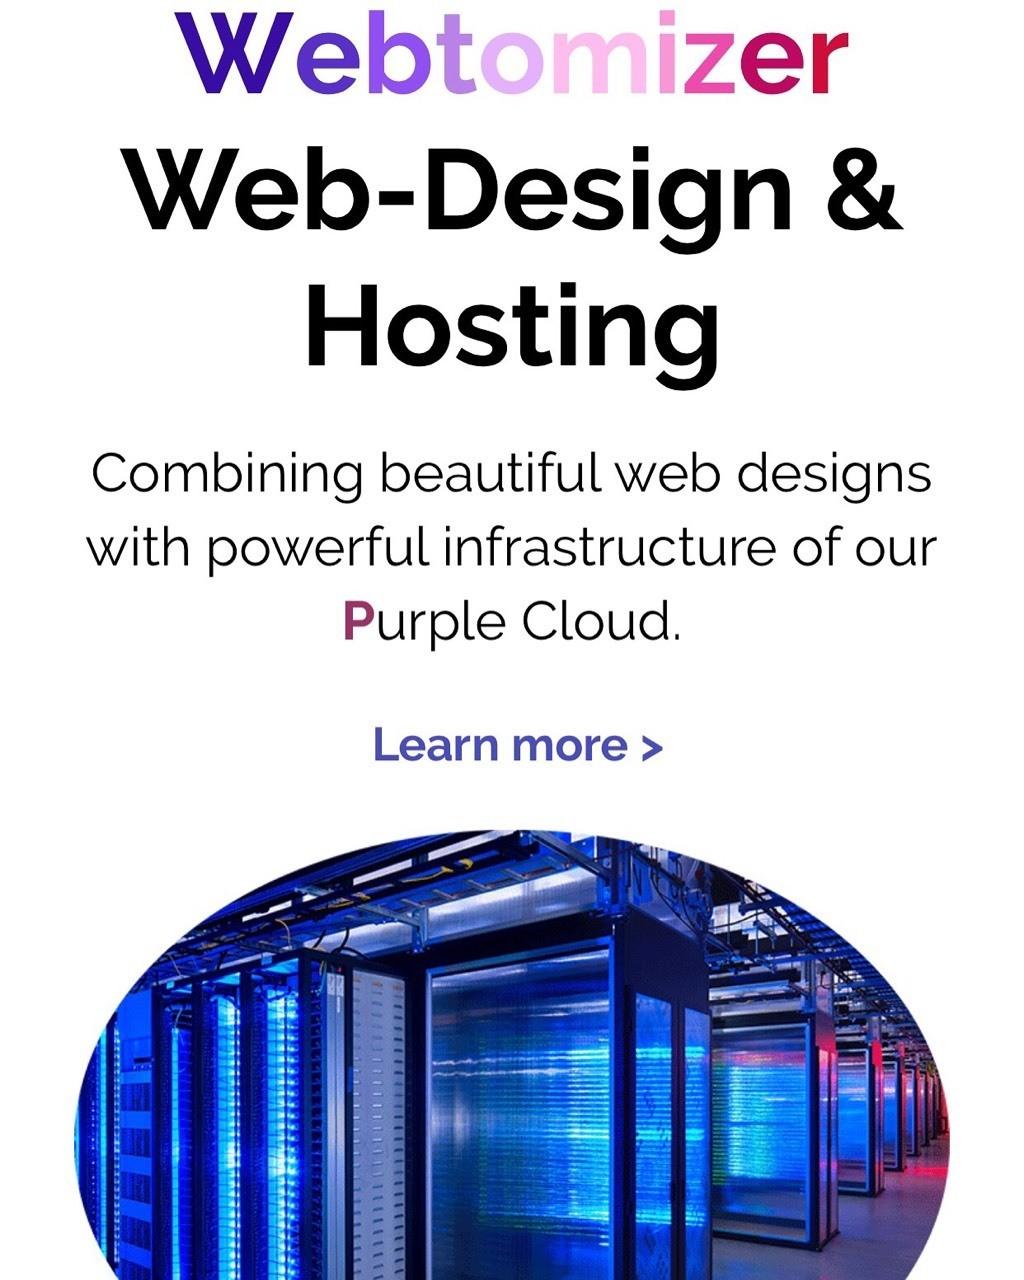 Https://www.webtomizer.com